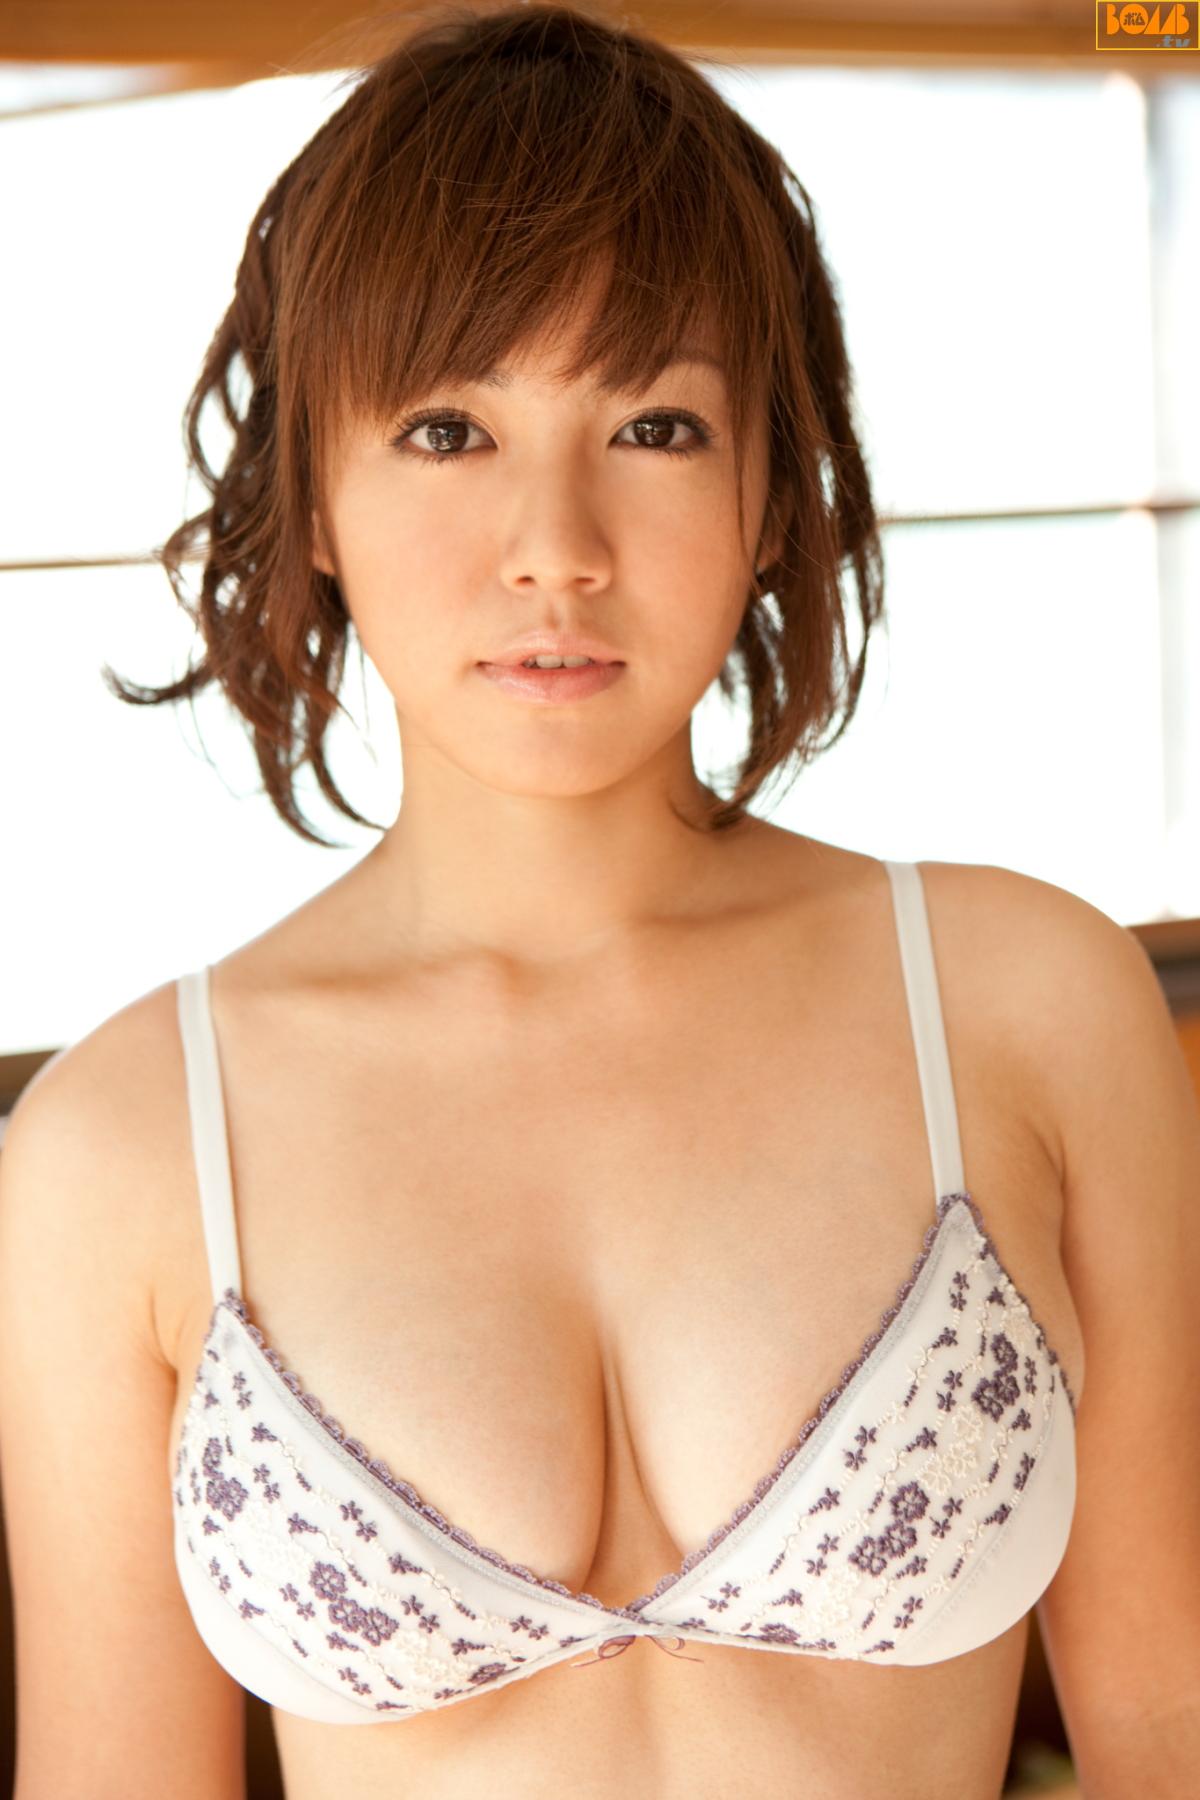 [Bomb.tv] 20110301 Sayaka Isoyama 磯山さやか No.1 追加! 09030